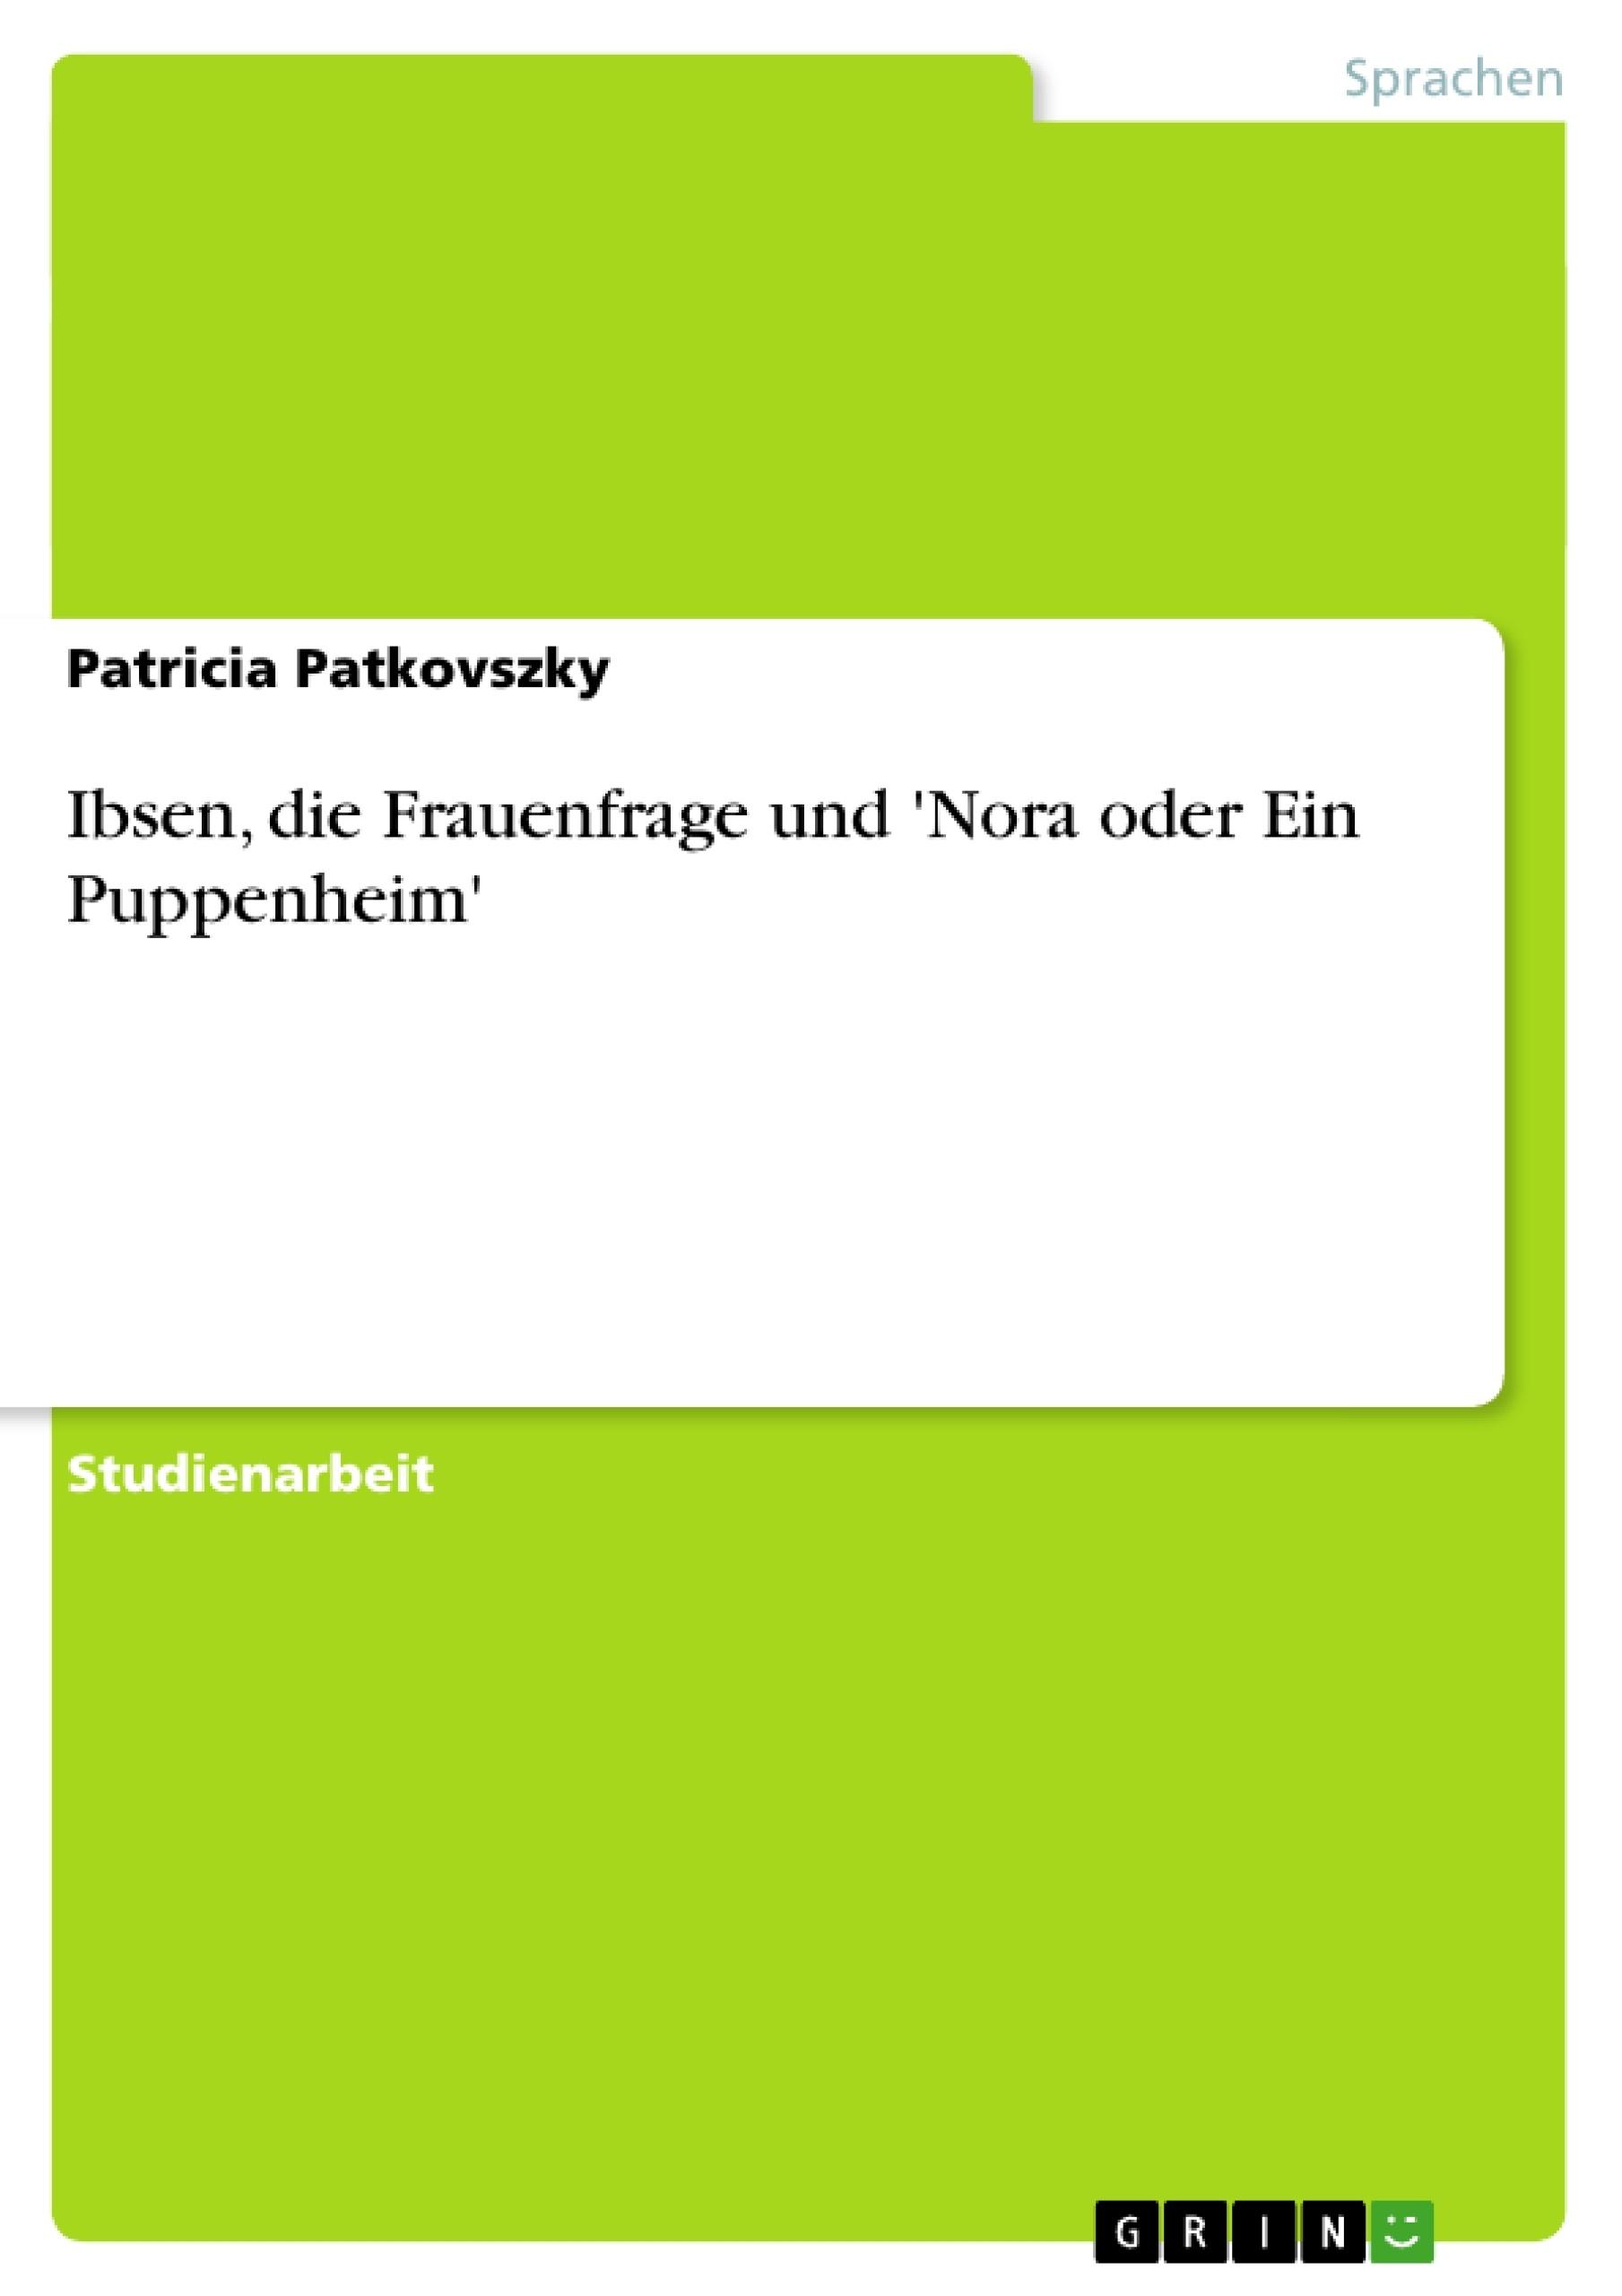 Titel: Ibsen, die Frauenfrage und 'Nora oder Ein Puppenheim'